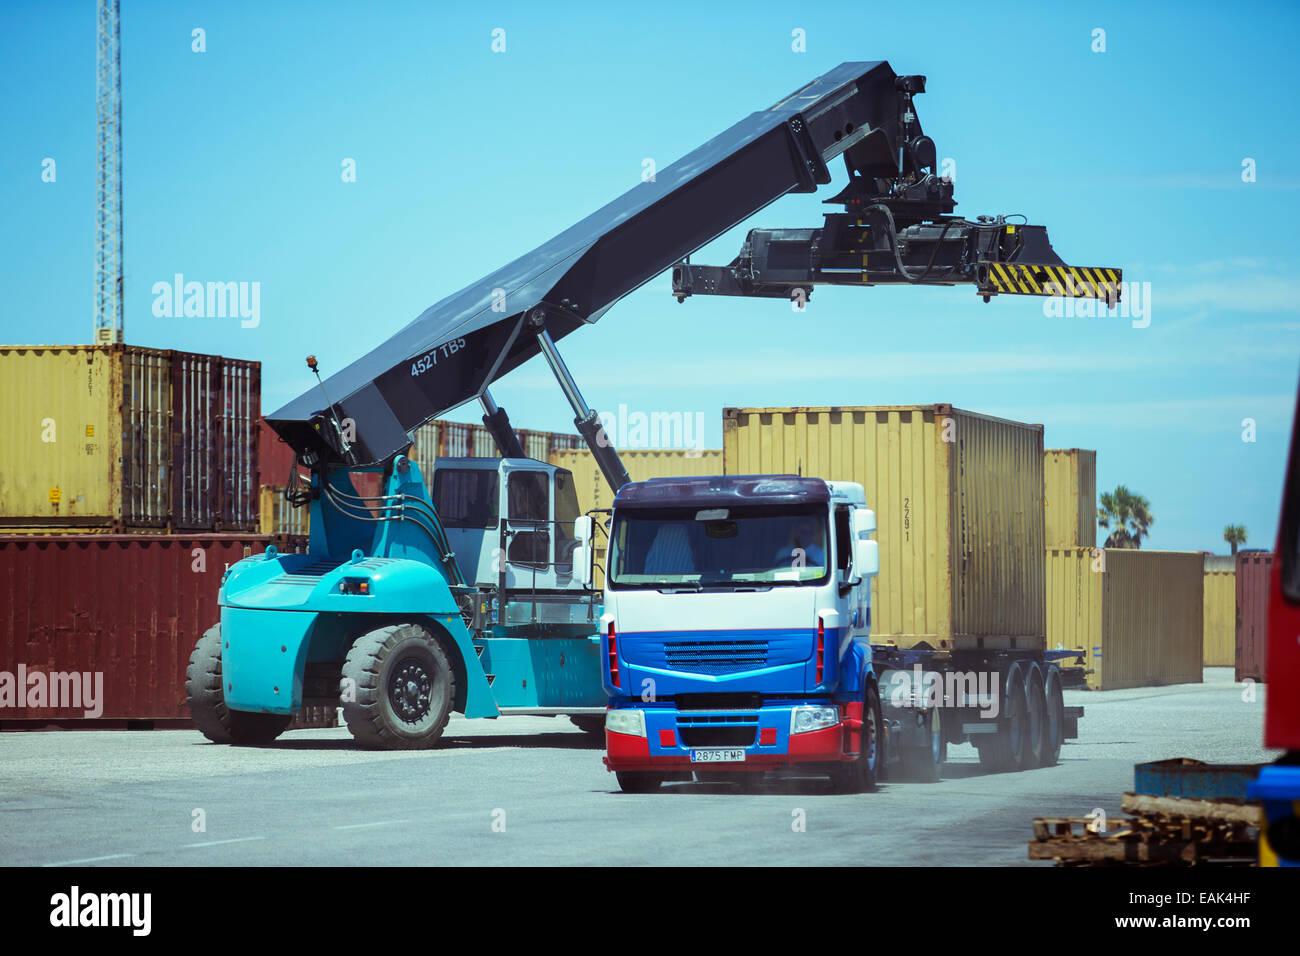 In der Nähe von Cargo-Container auf LKW Kran Stockbild